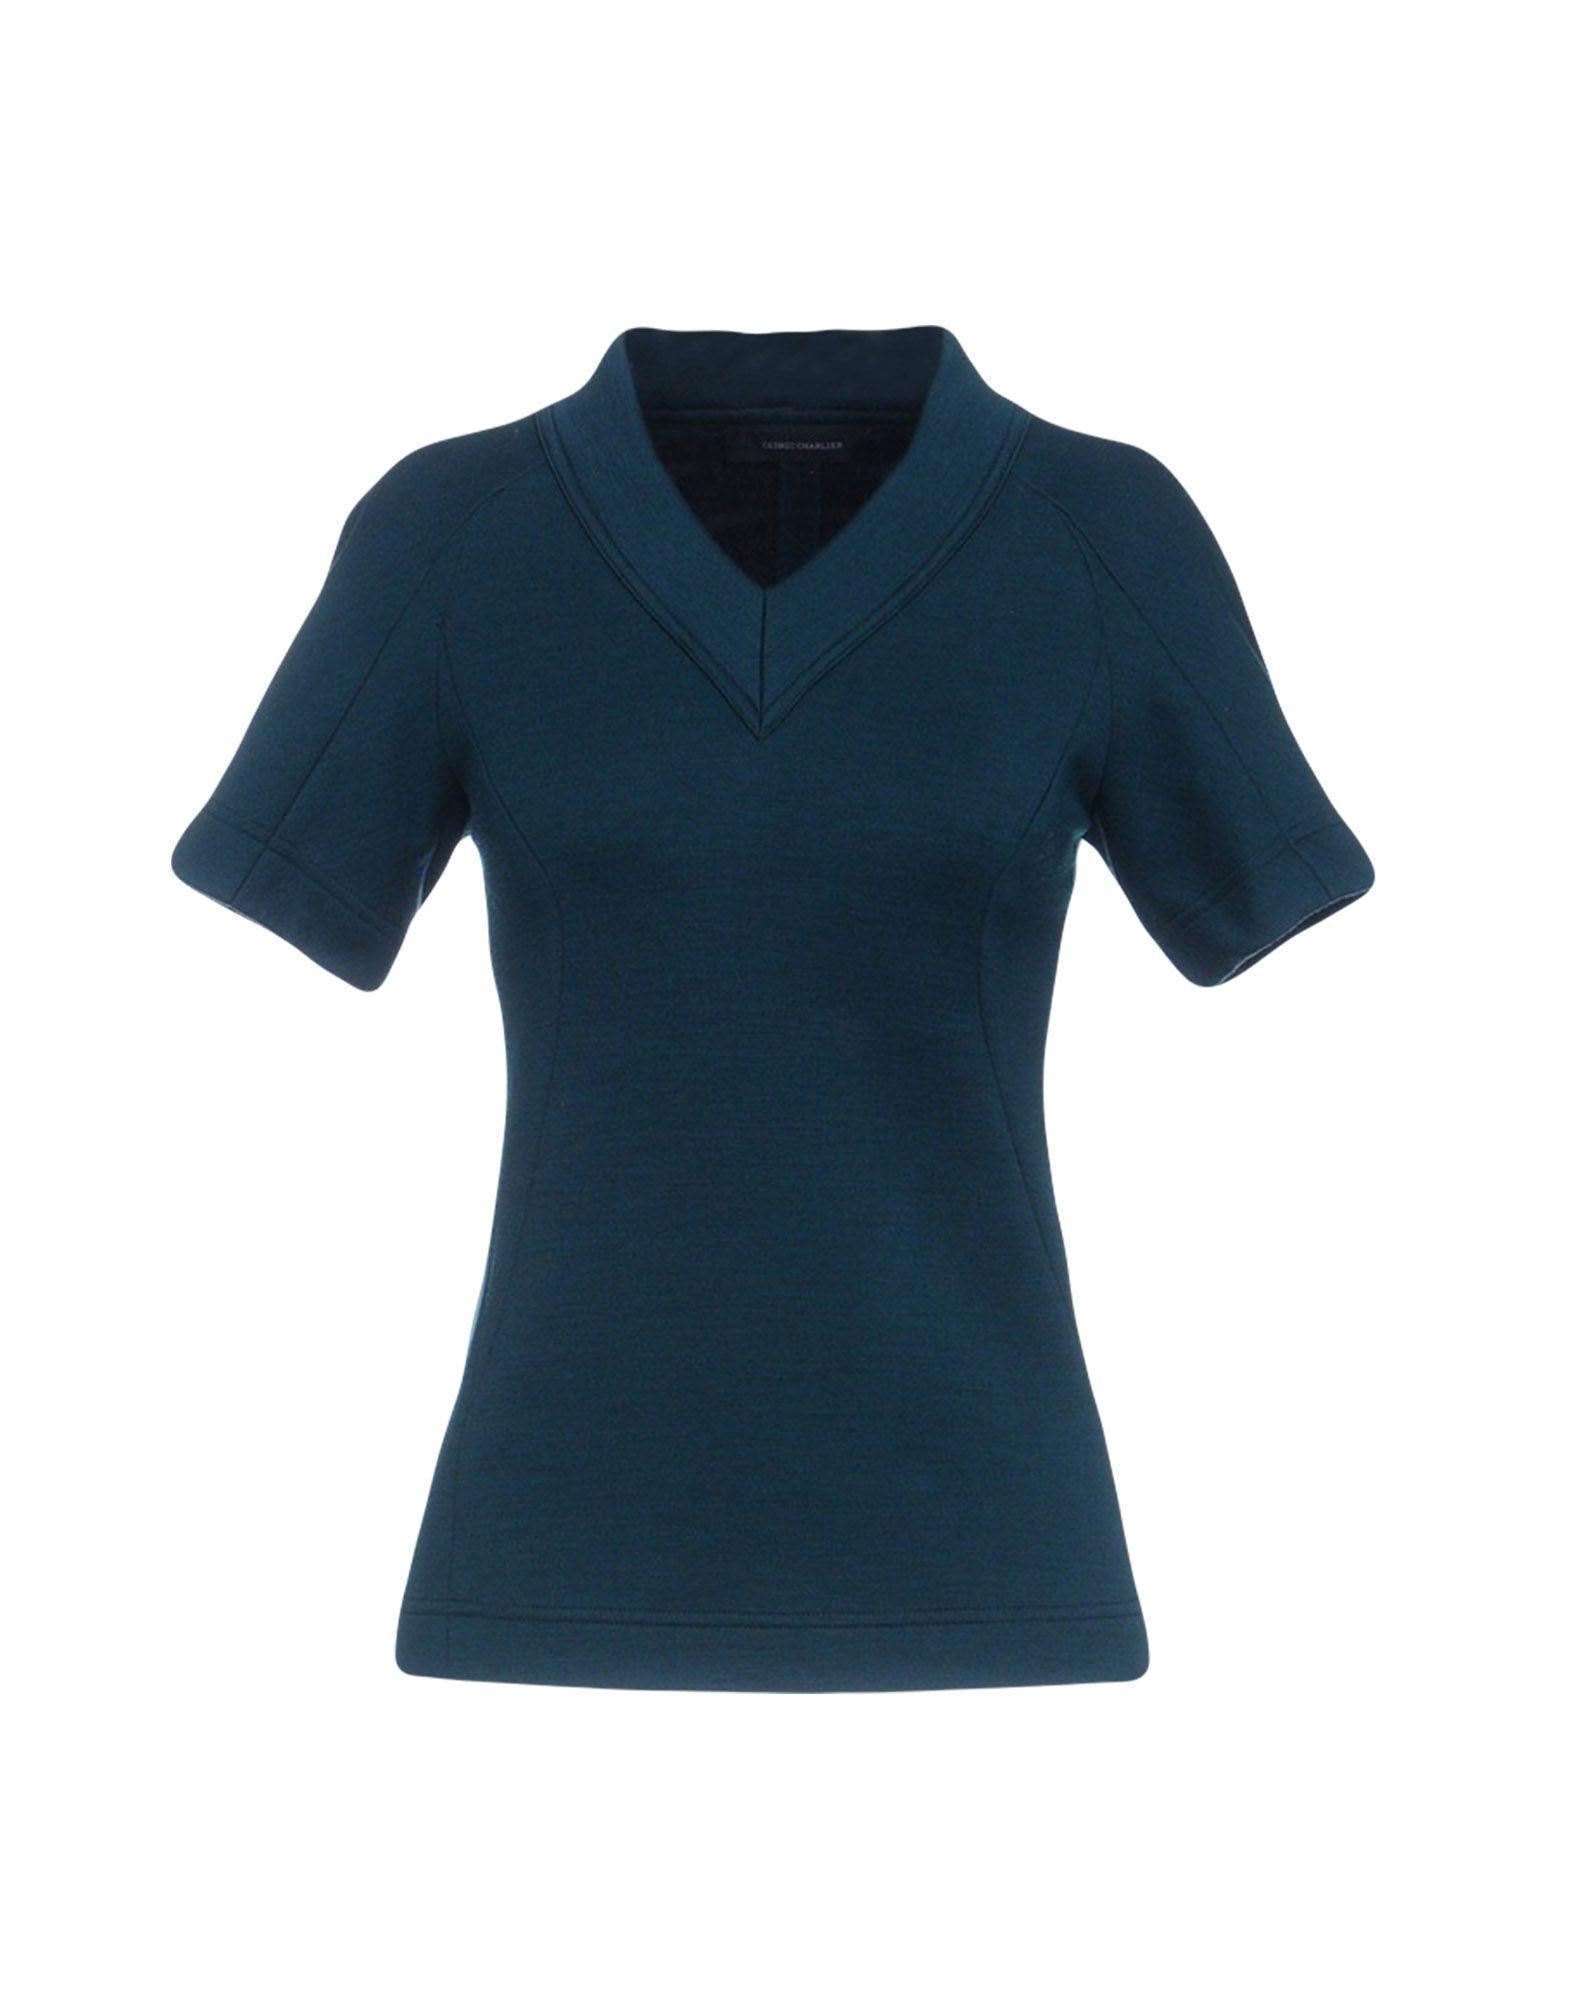 T-Shirt Cedric Charlier Donna - Acquista online su cGG0K8pN